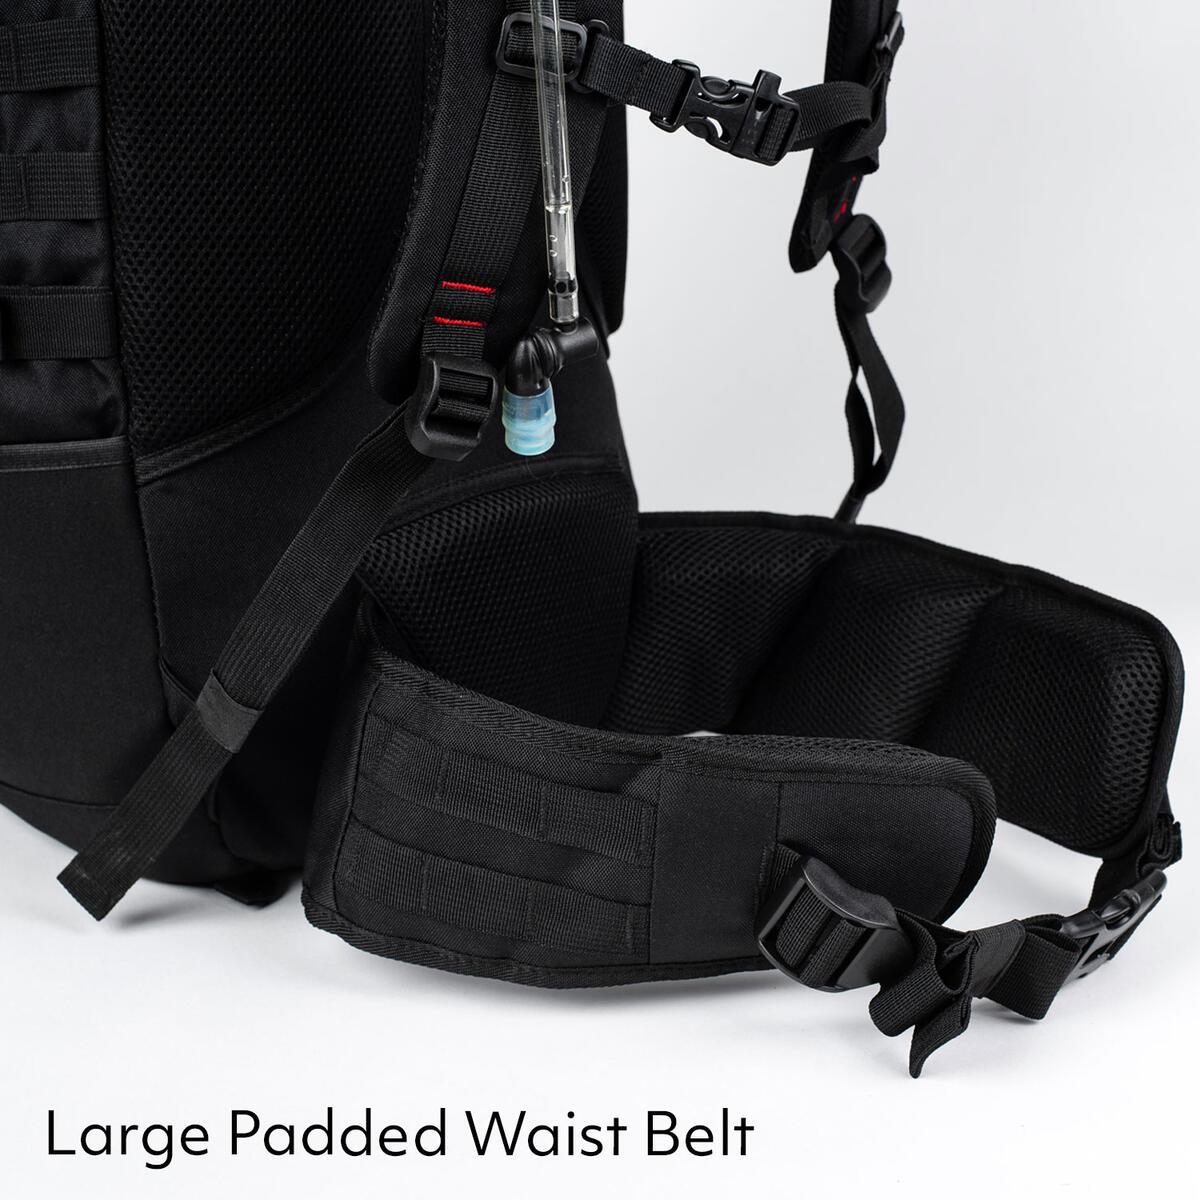 3V Gear Sovereign Redline Internal Frame Backpack - 50 Liter